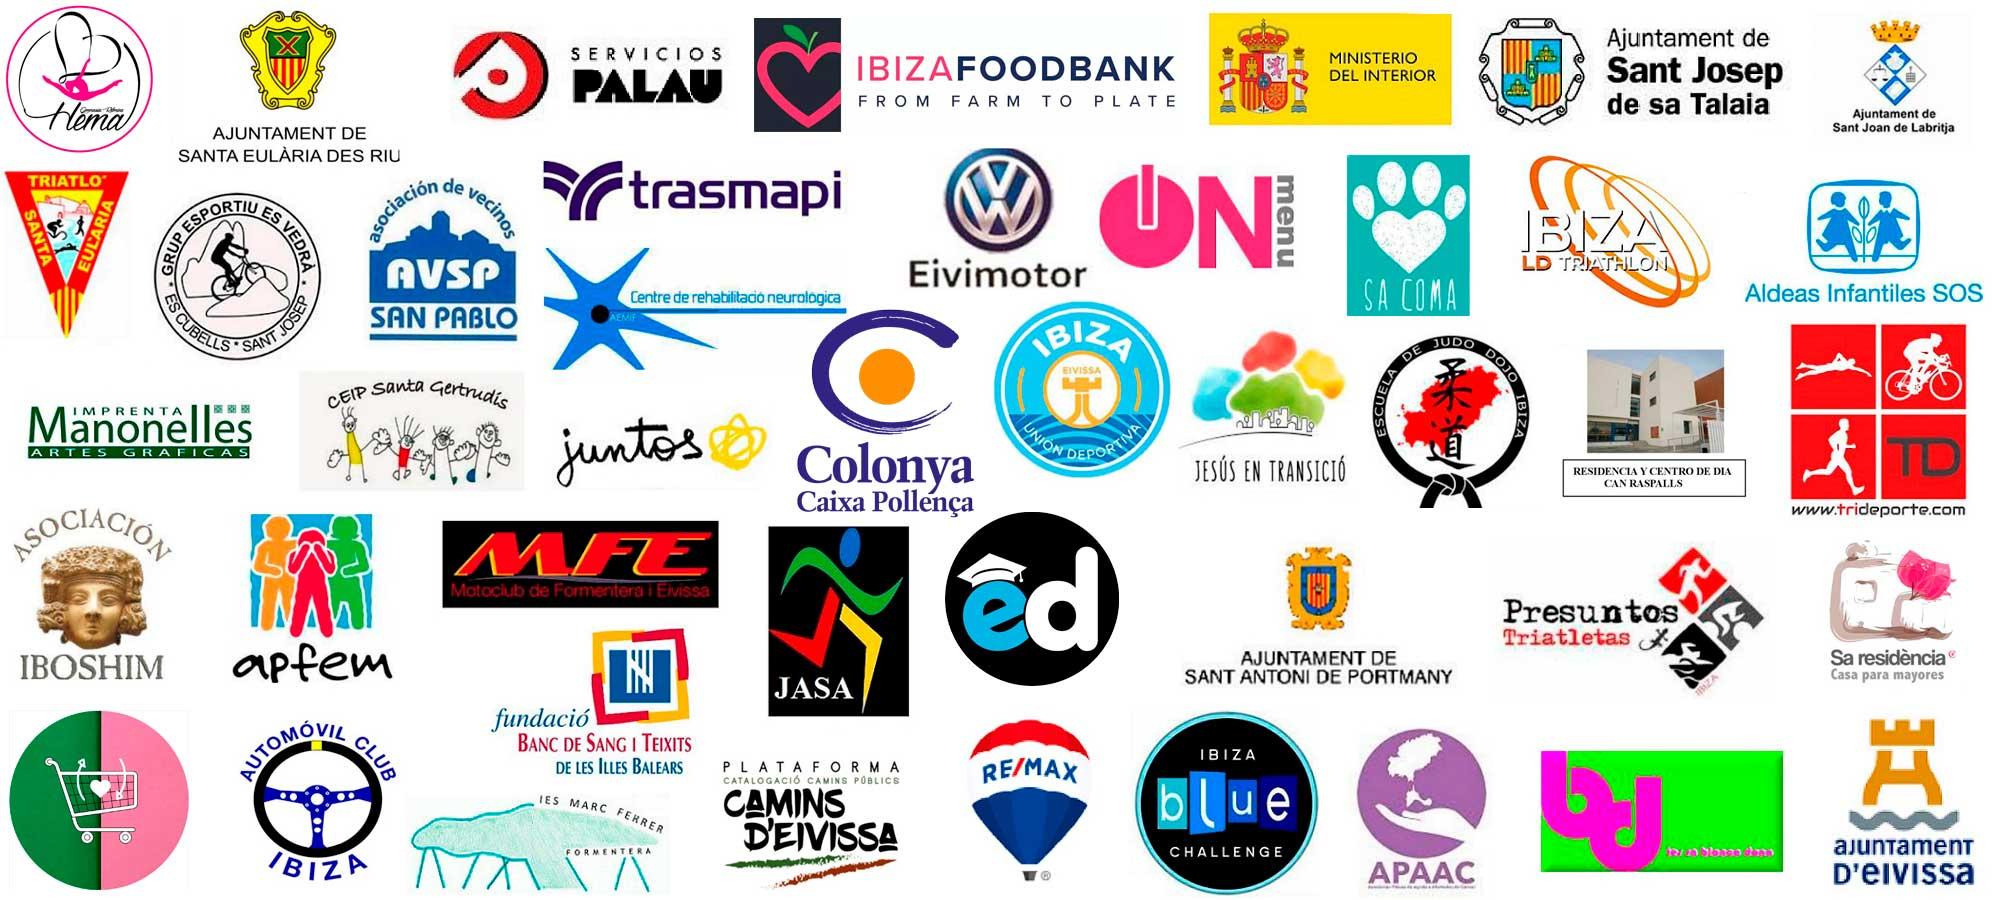 Equip Voluntari Colaboradores Voluntarios de Ibiza